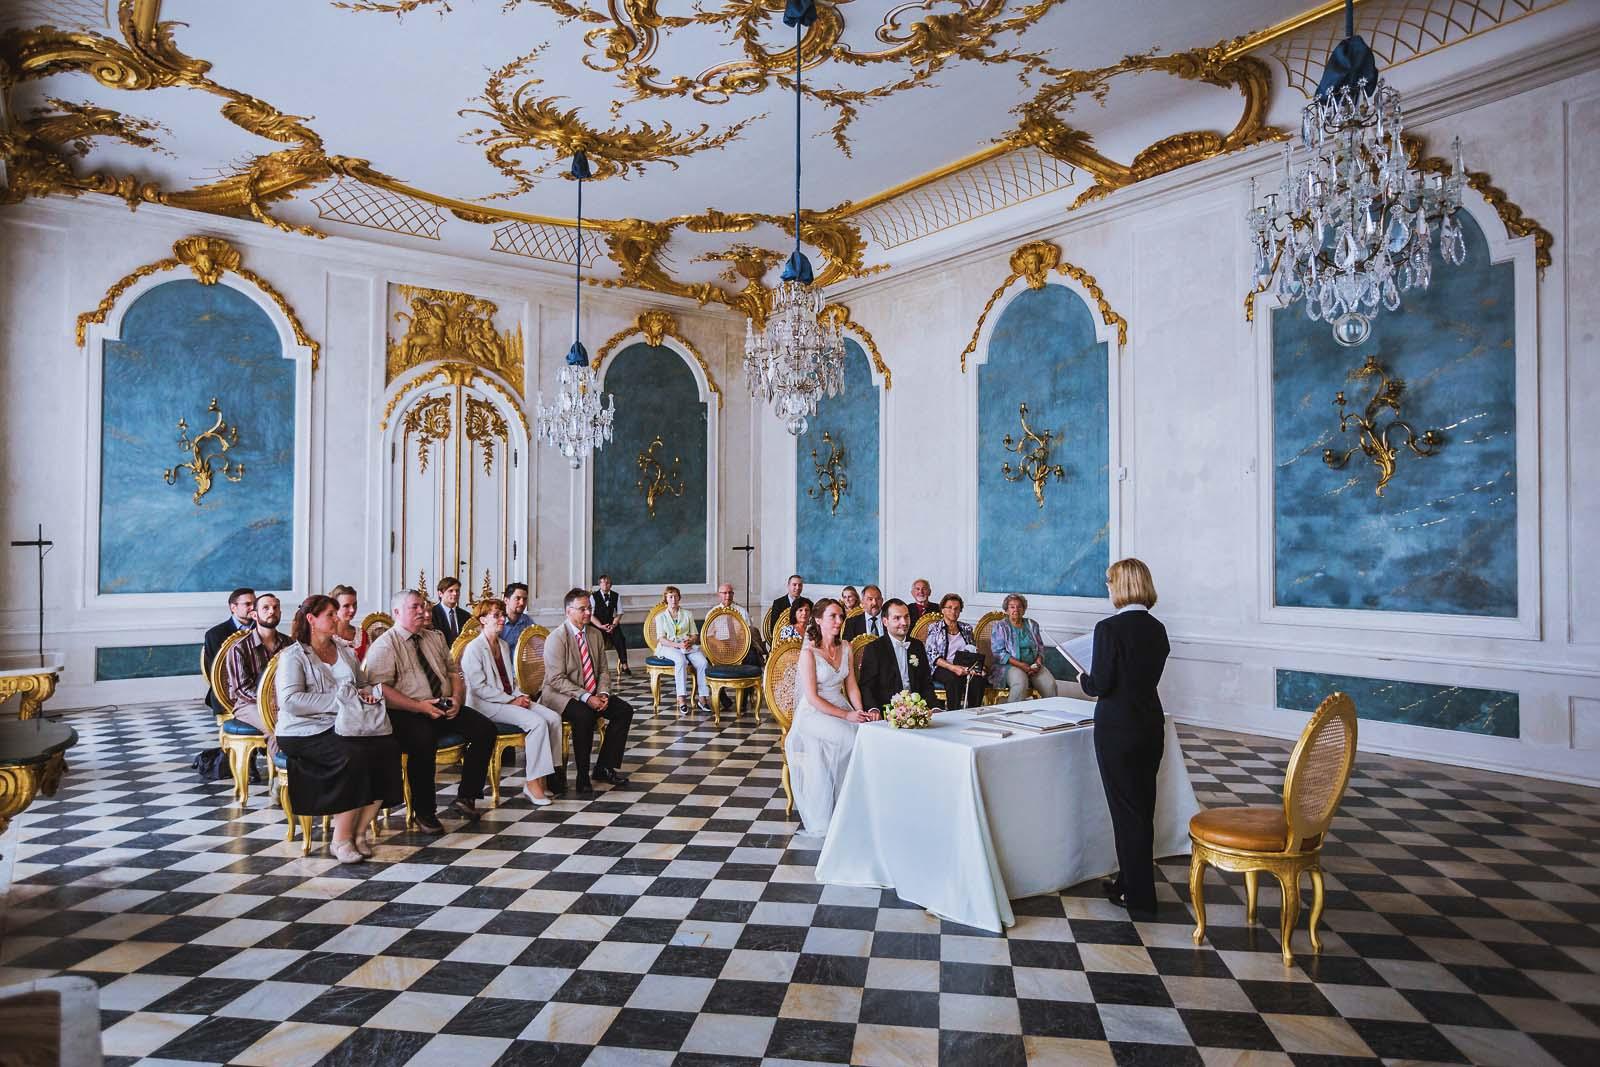 Hochzeitsreportage in den Neuen Kammern Schloss Sanssouci Potsdam Copyright by Hochzeitsfotograf www.berliner-hochzeitsfotografie.de